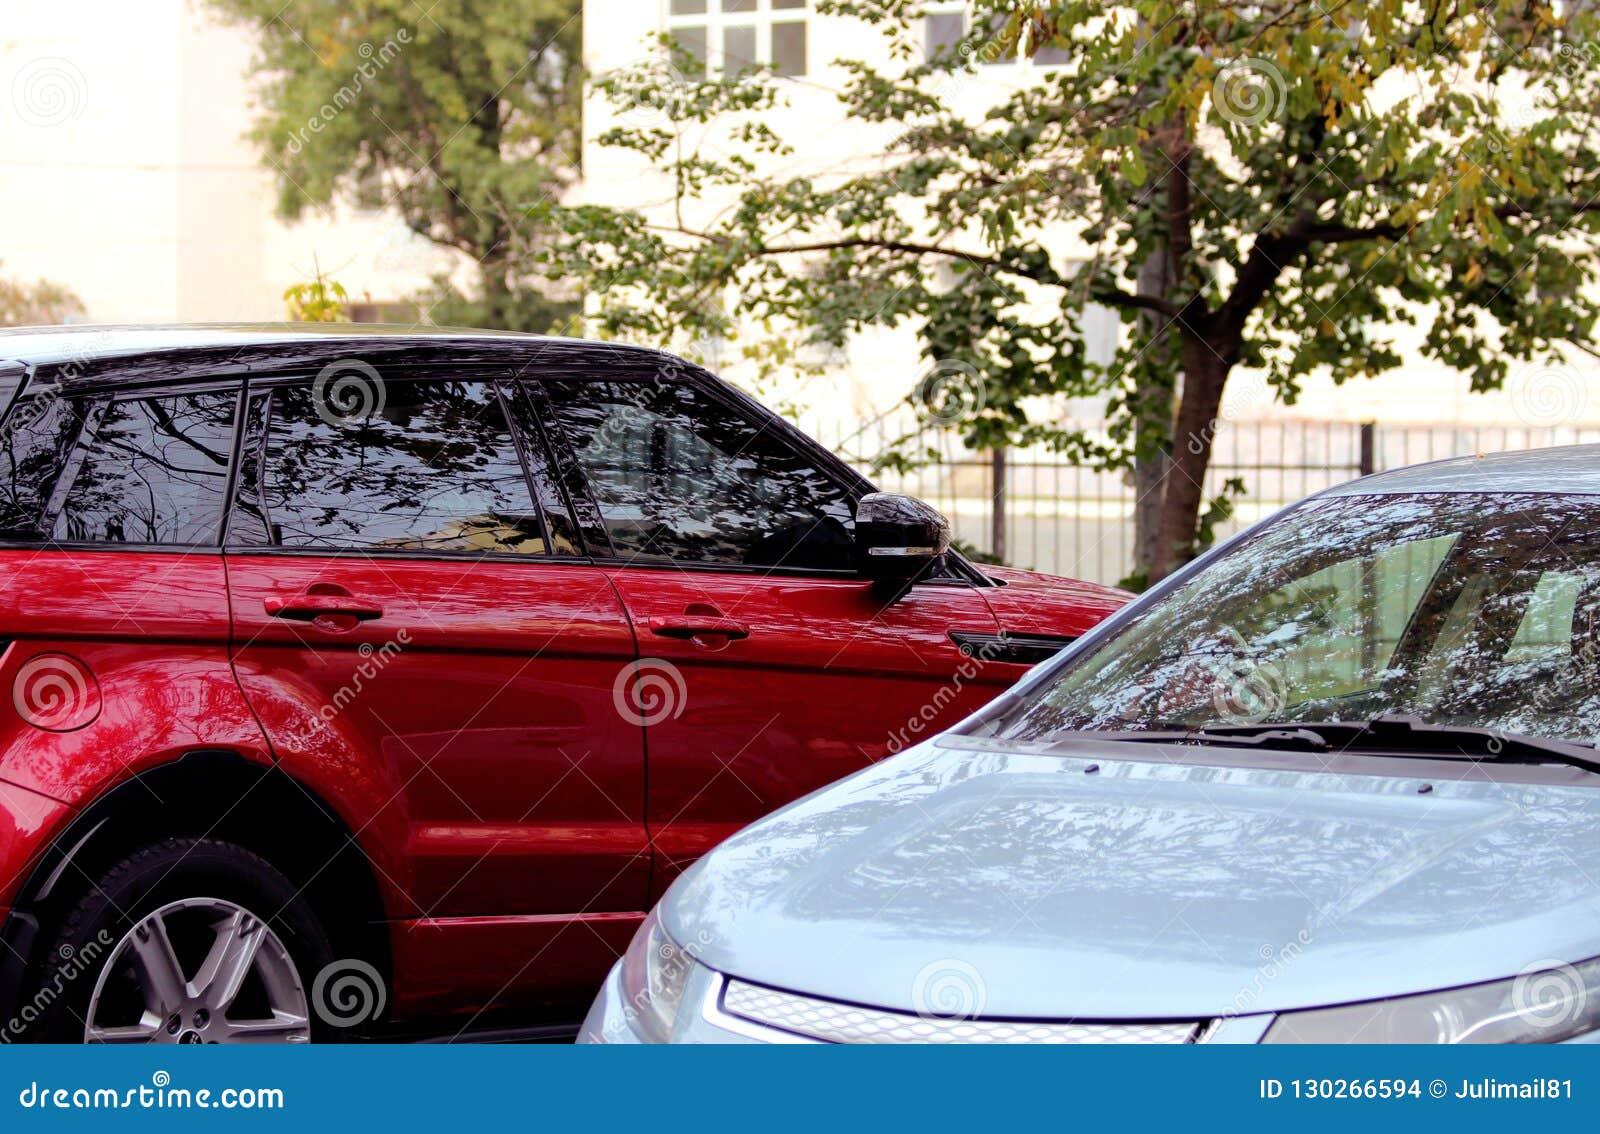 Dois carros vermelhos e cinzentos no parque de estacionamento de uma árvore